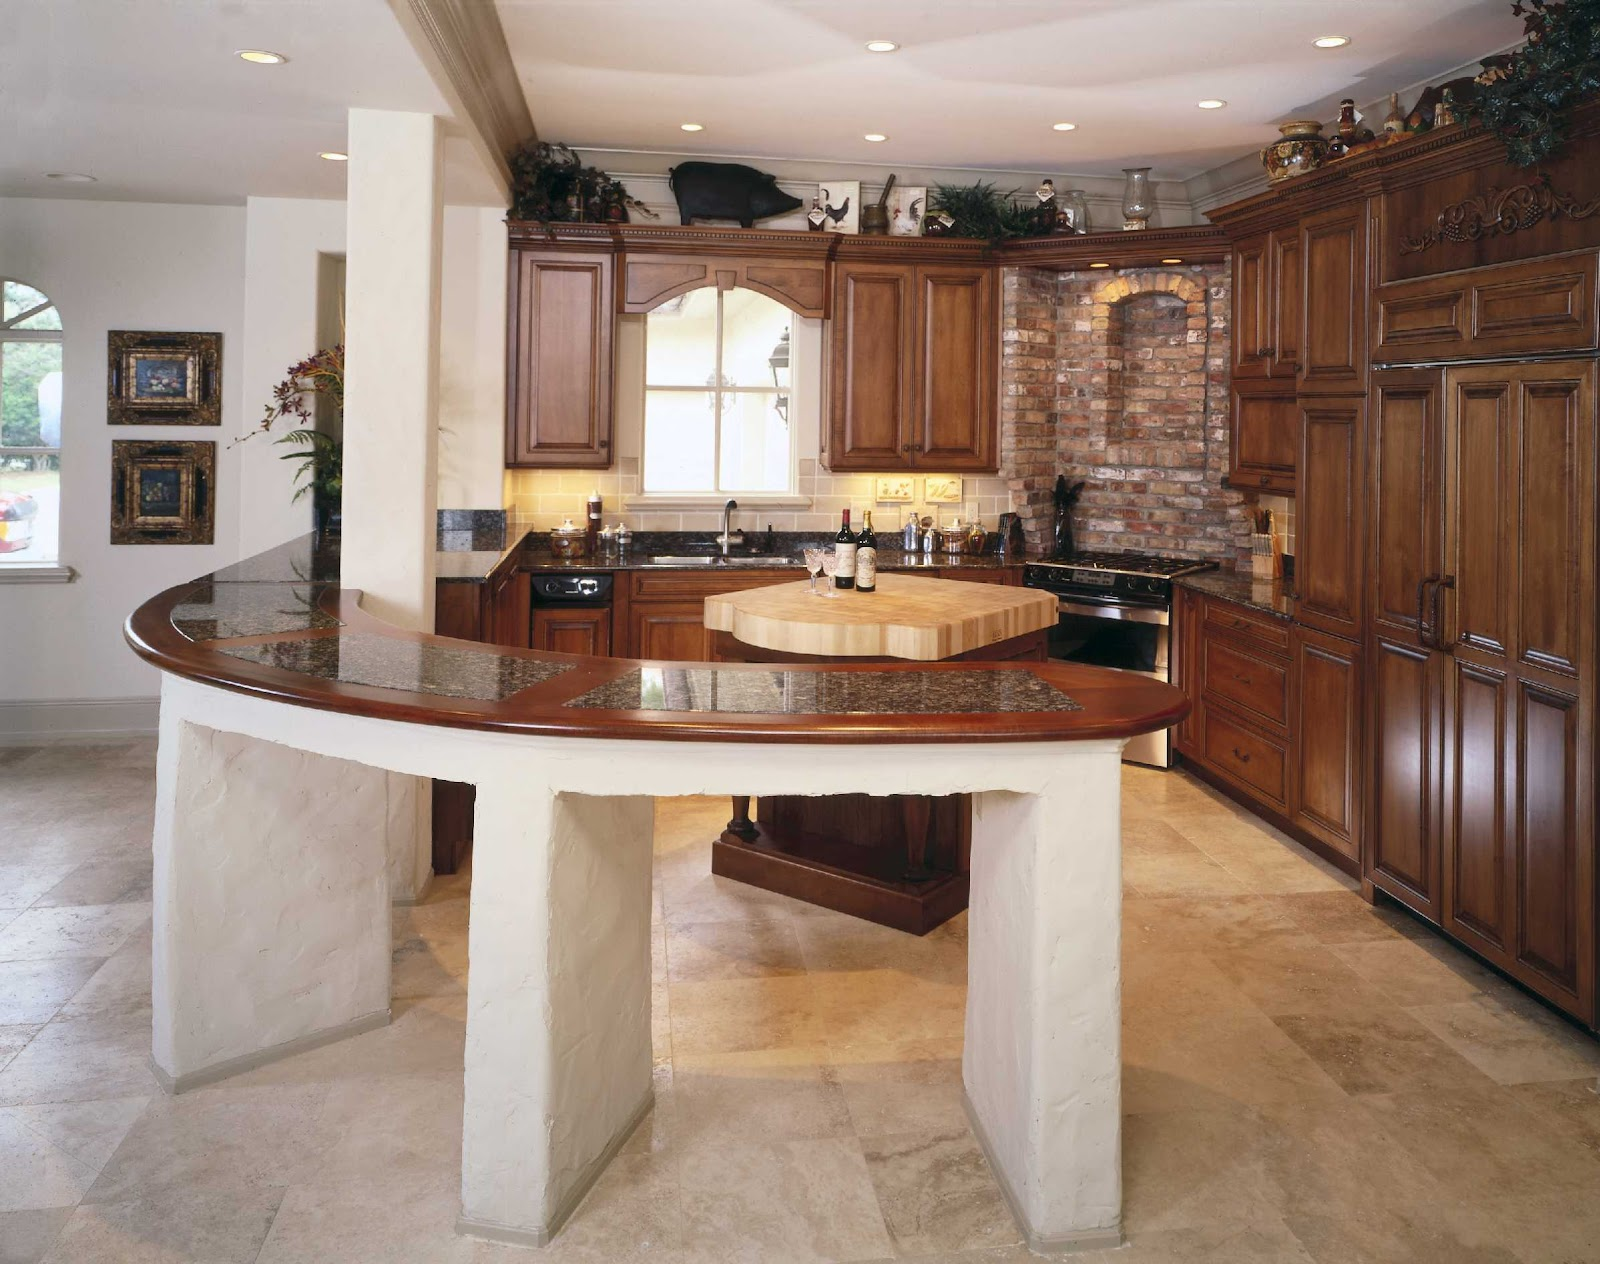 Cu l es la cocina ideal seg n una investigaci n for Mezclar muebles claros y oscuros